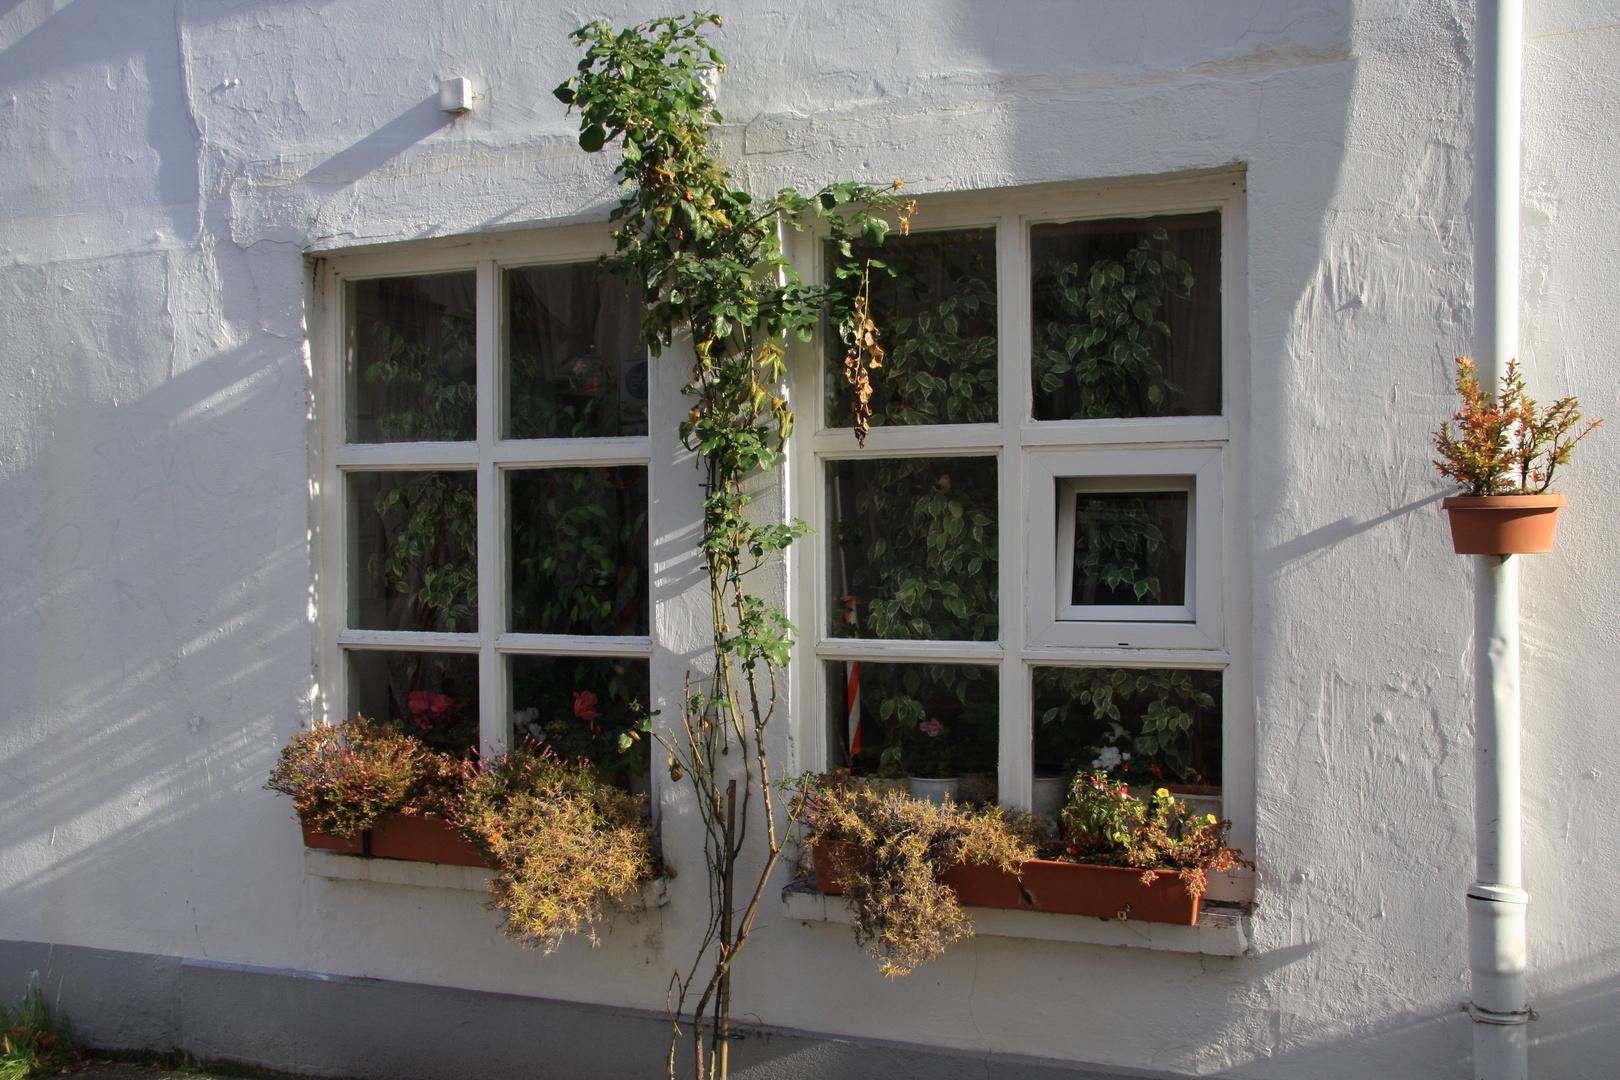 ... irgendein Fenster